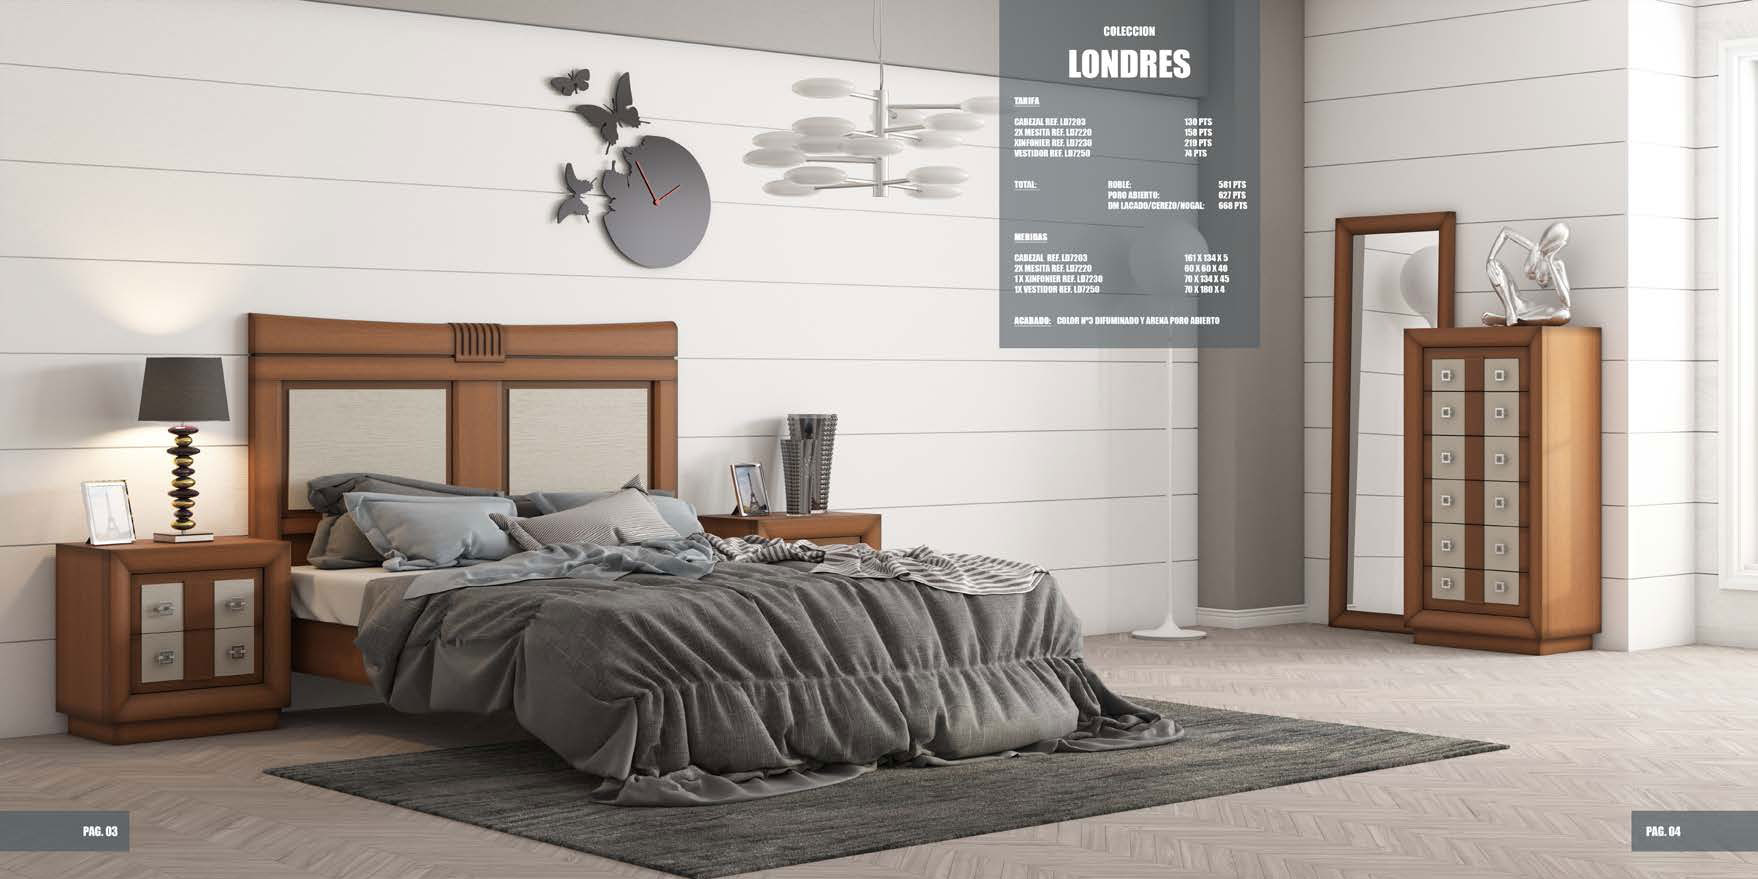 londres-dormitorio-01